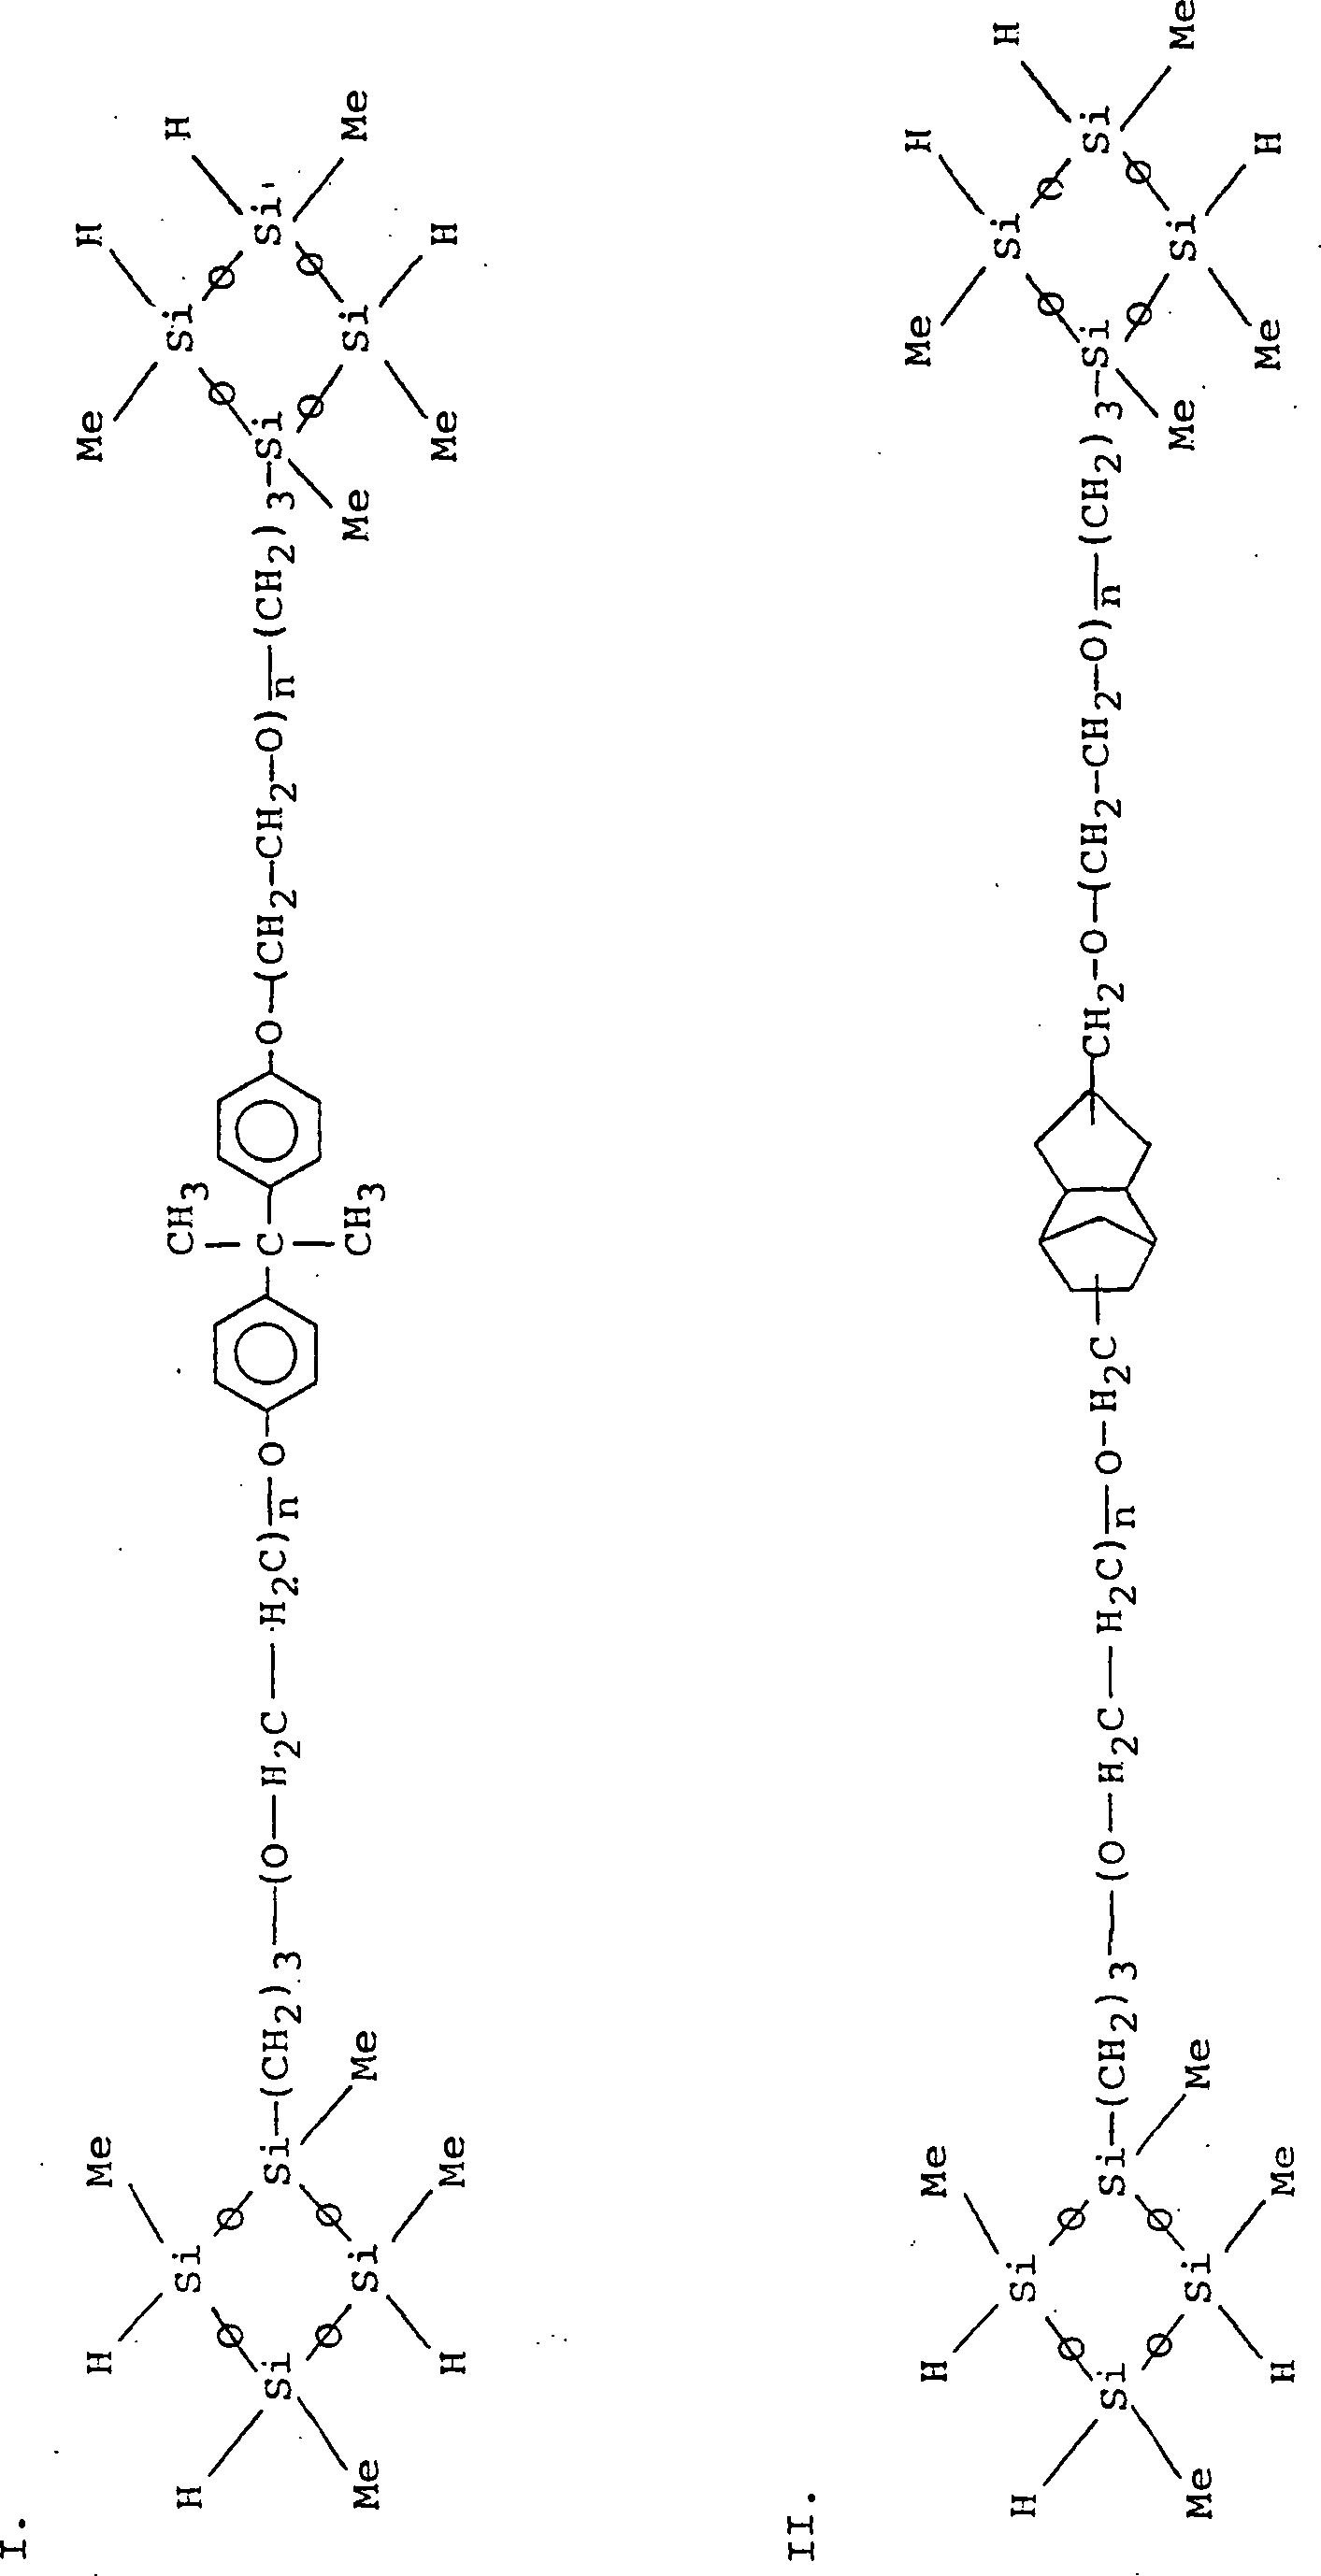 Figure DE000019719438C5_0008